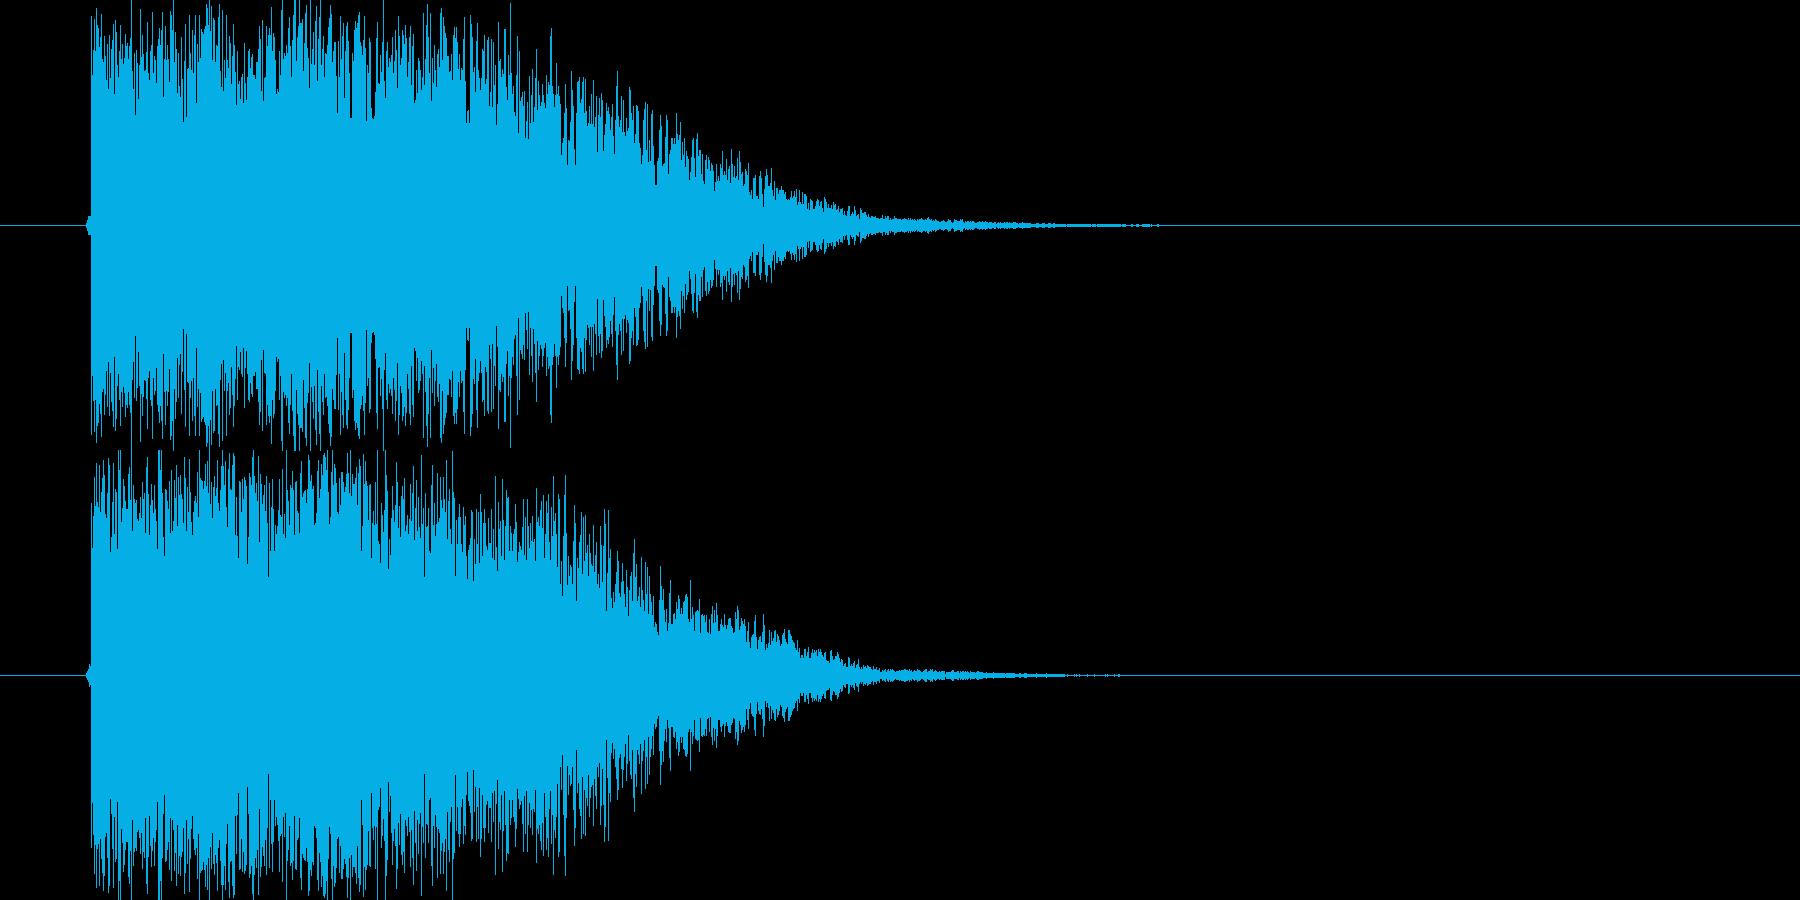 タイトル_ロゴ表示の再生済みの波形